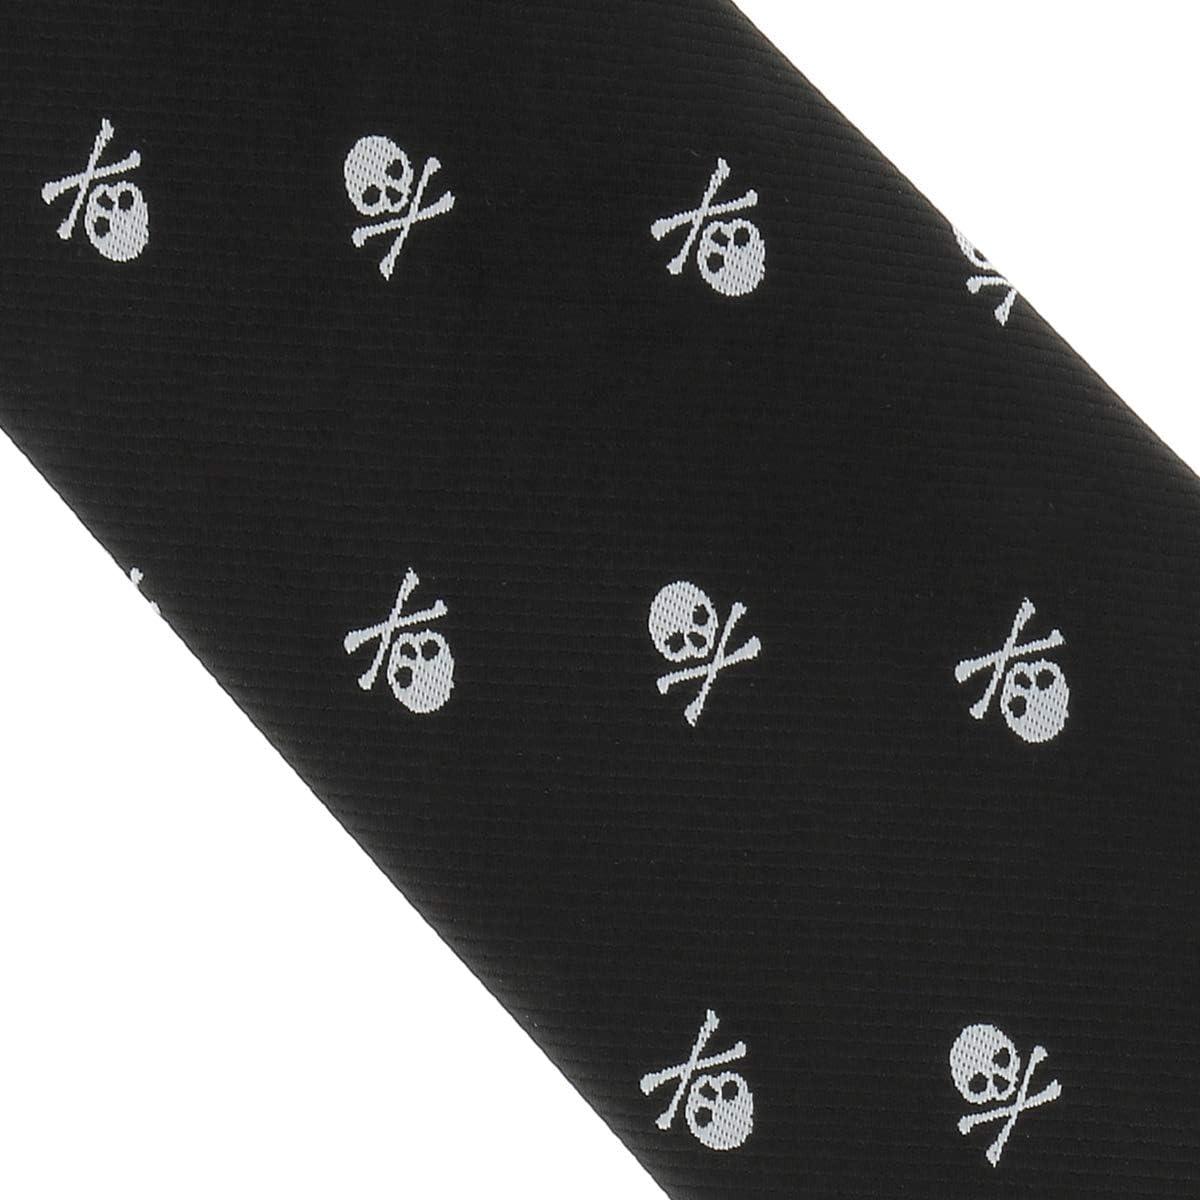 Corbata y Pajarita Calavera Negra y Blanca Corbata y Pajarita Esqueleto Skull Corbata y Pajarita Hombre Cr/áneo Original